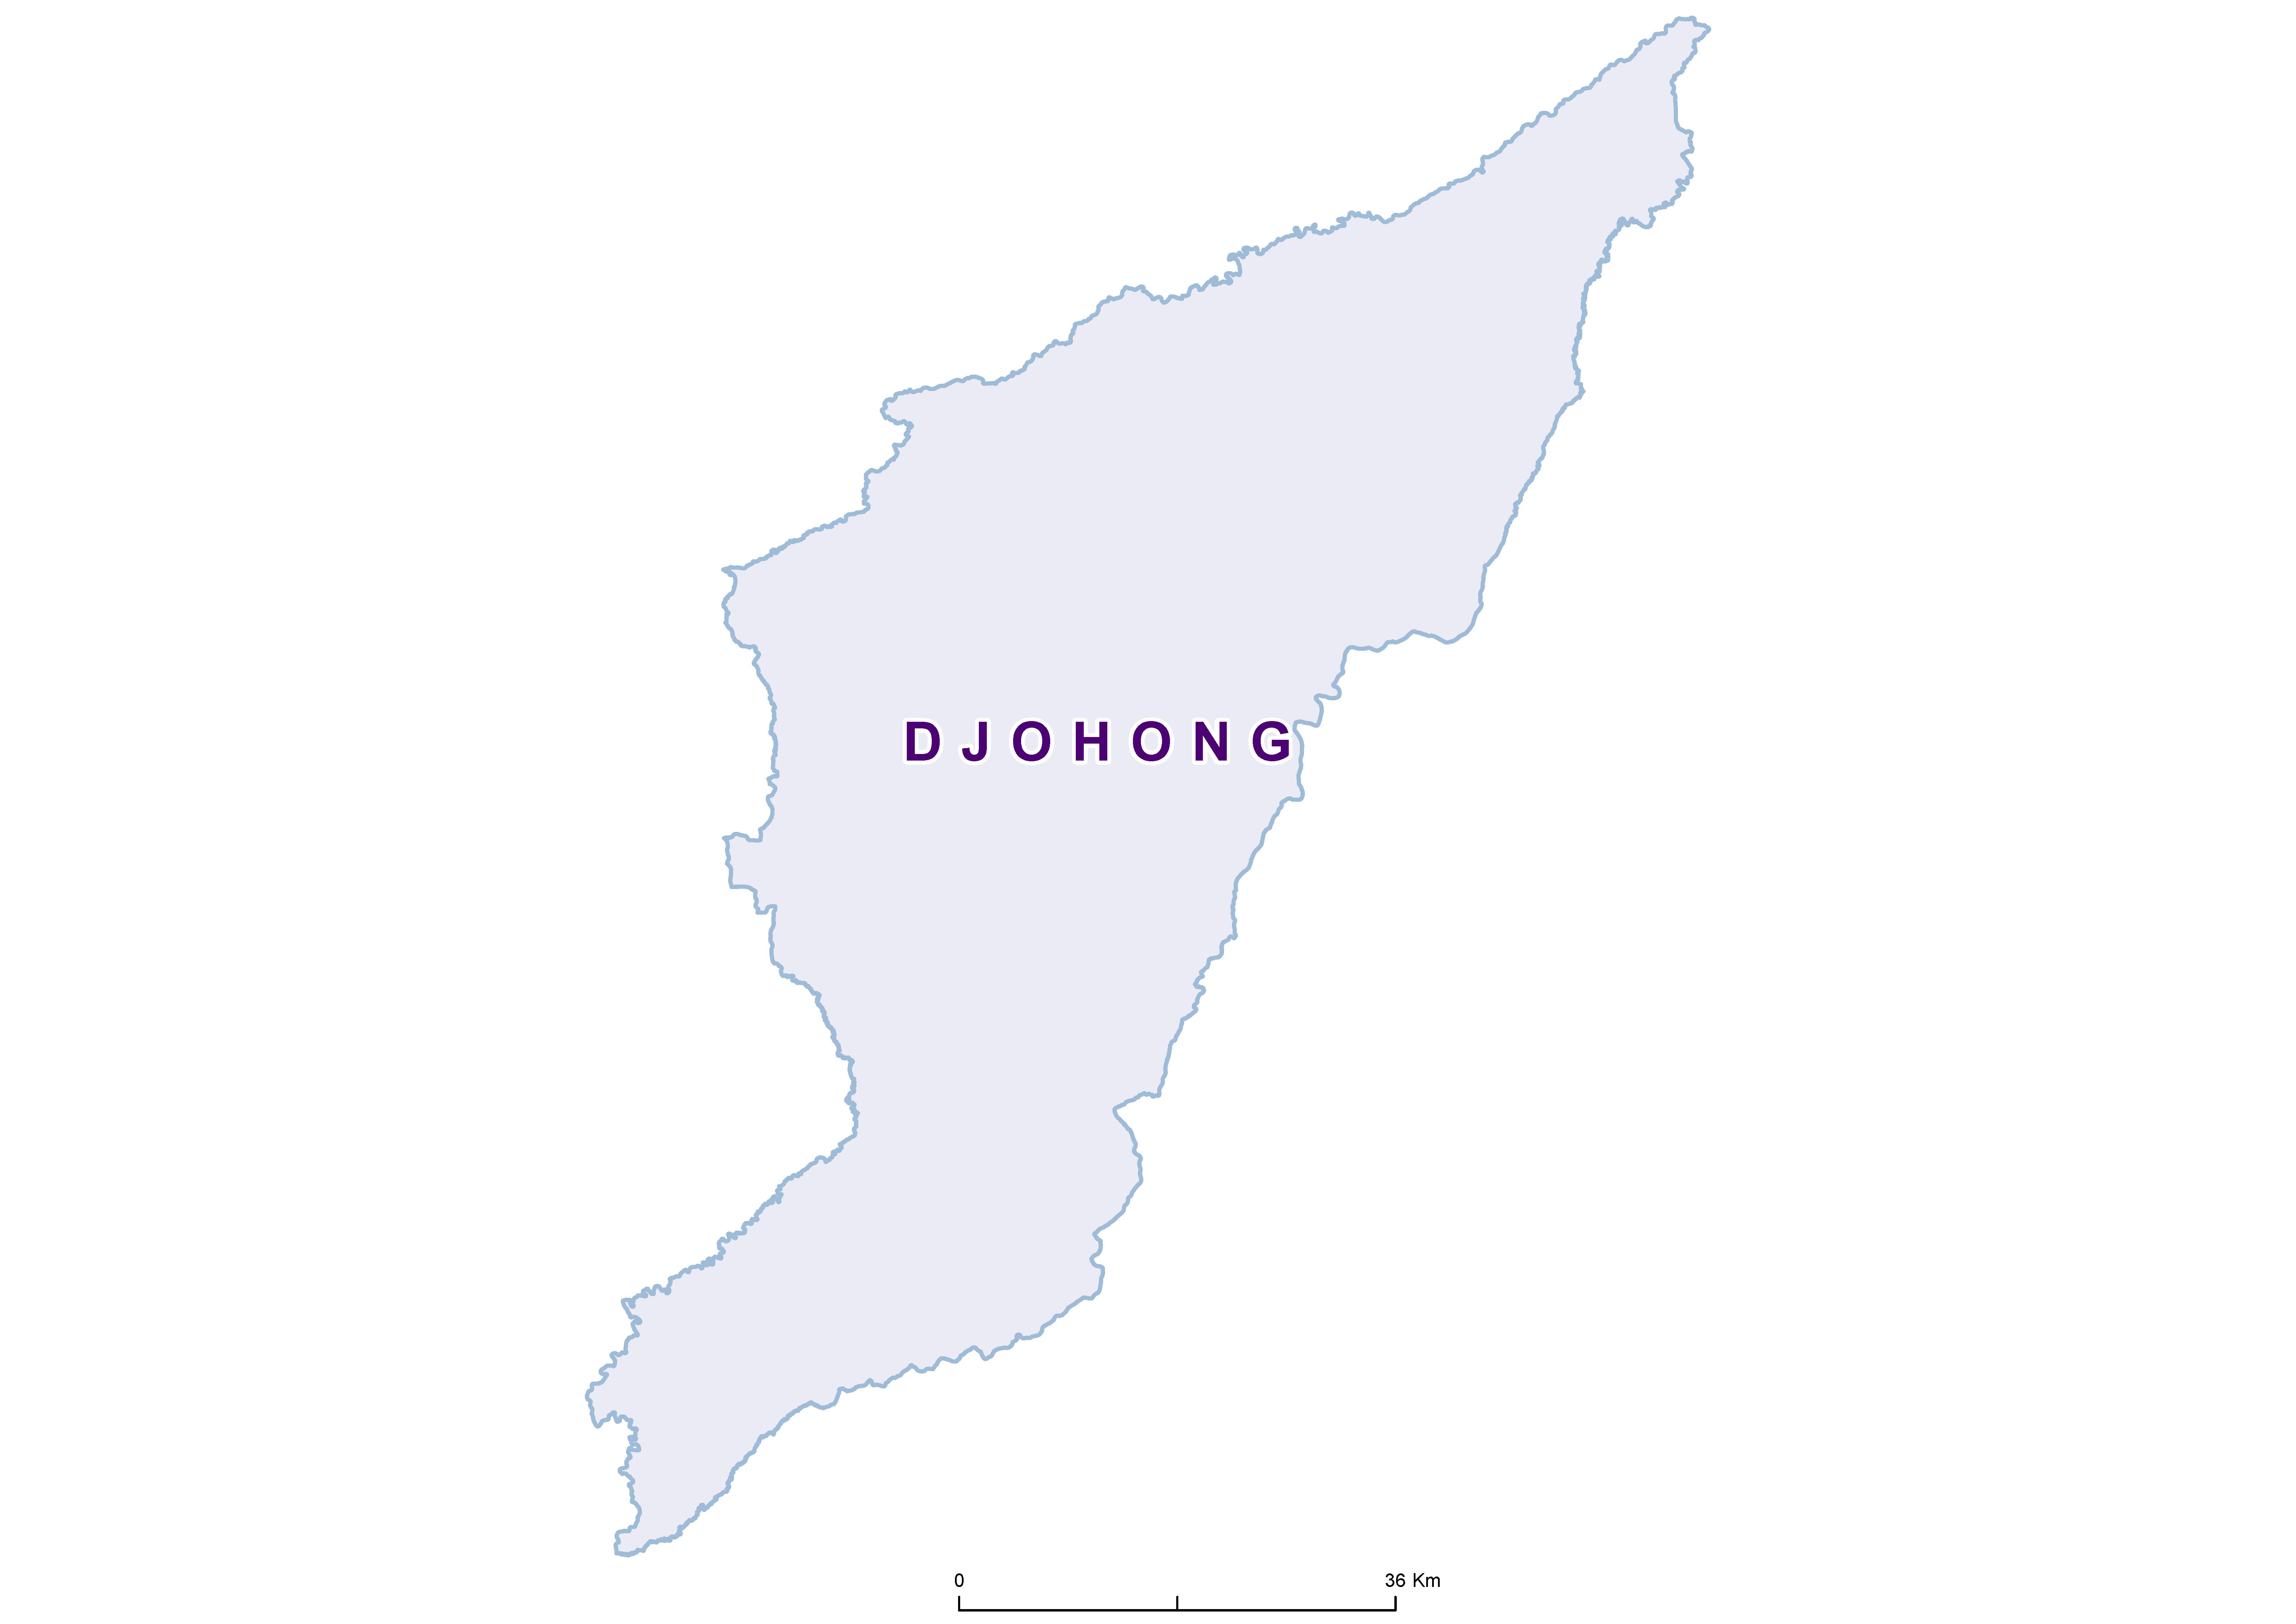 Djohong Mean SCH 20180001